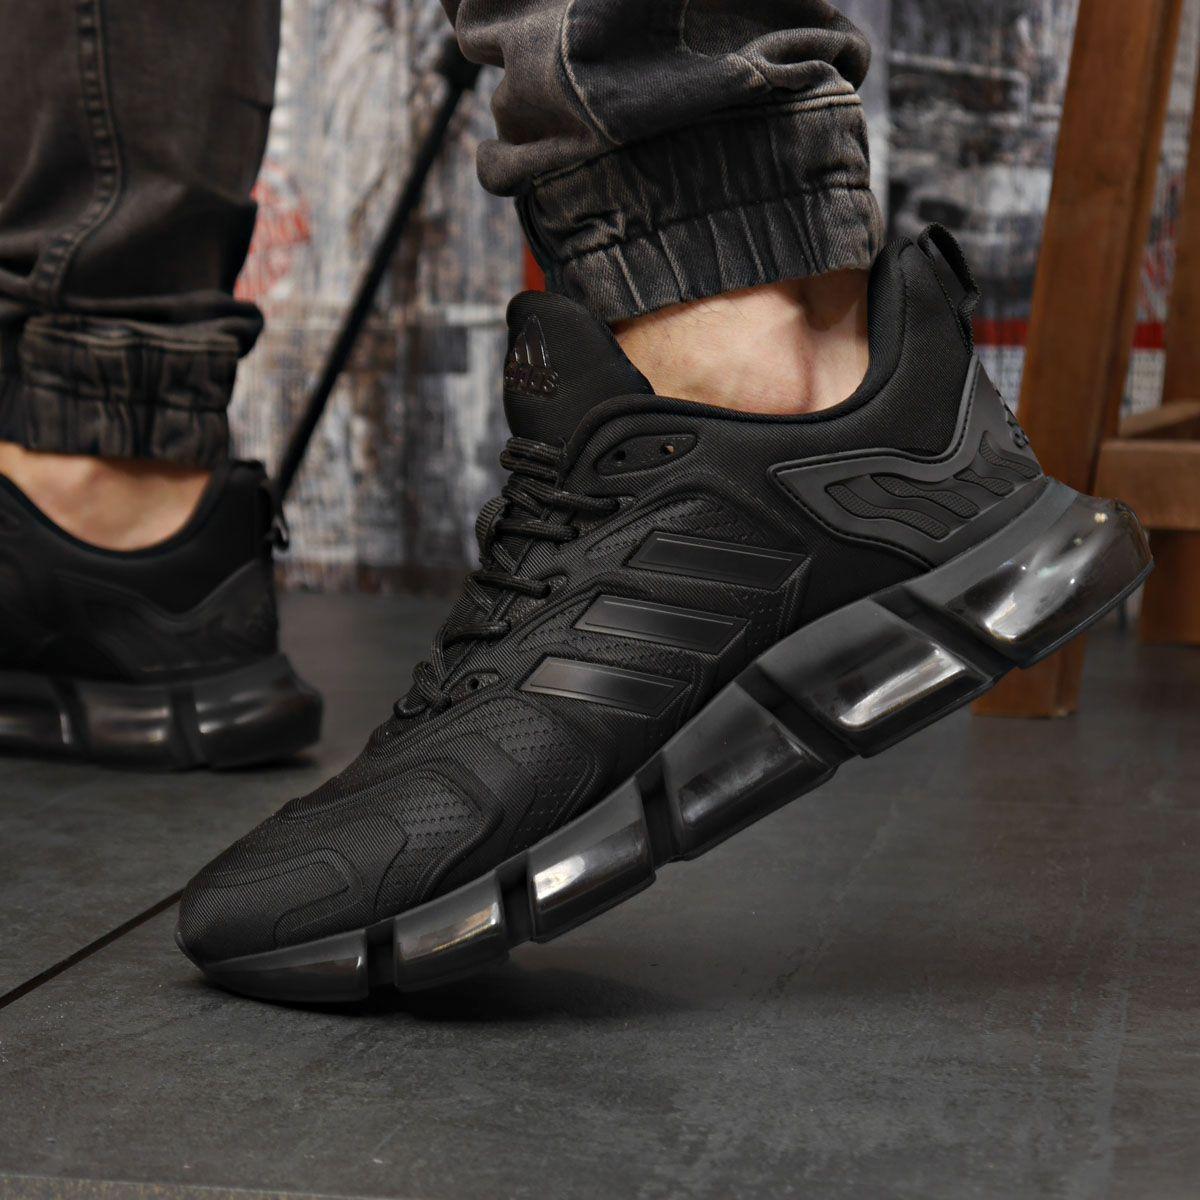 Кроссовки мужские 18311 ► Adidas x Pharrell Vento (TOP AAA), черные . [Размеры в наличии: 41,42,43,44]